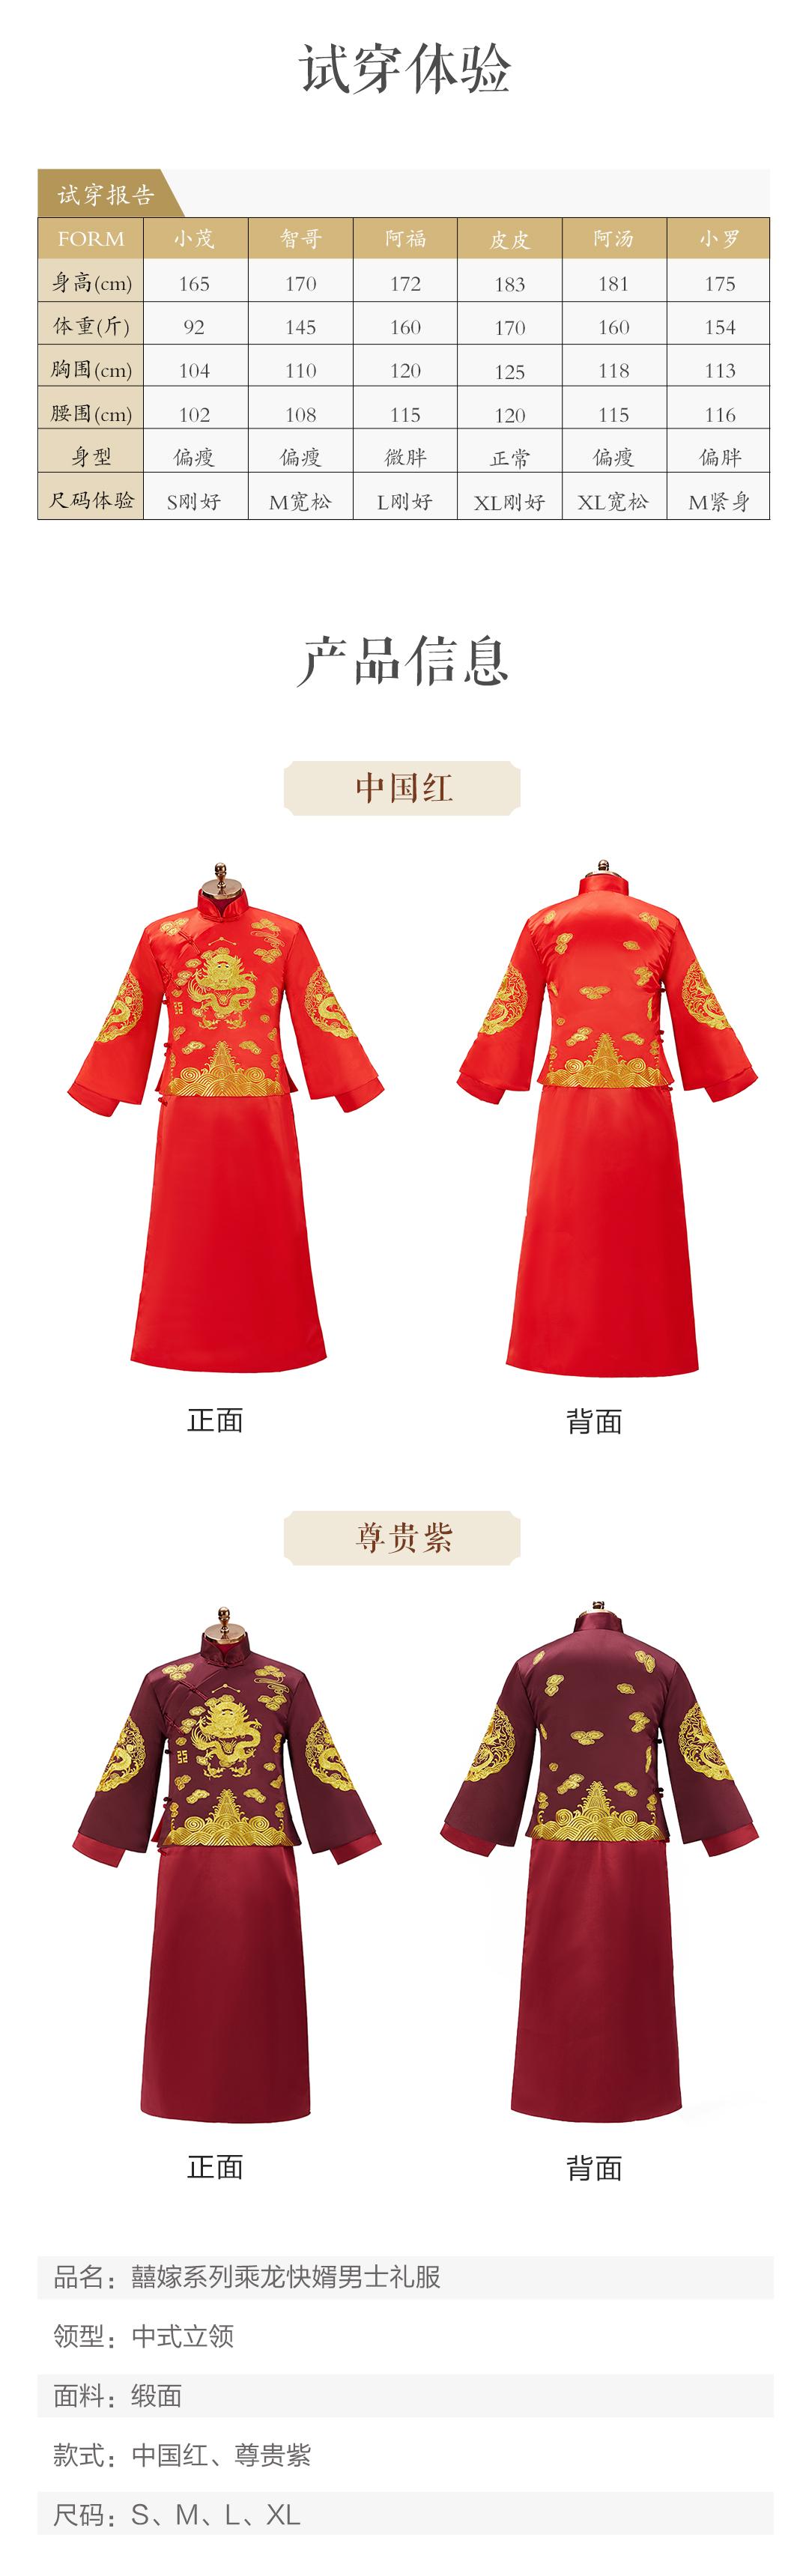 吴奇隆同款中式乘龙快婿男式礼服